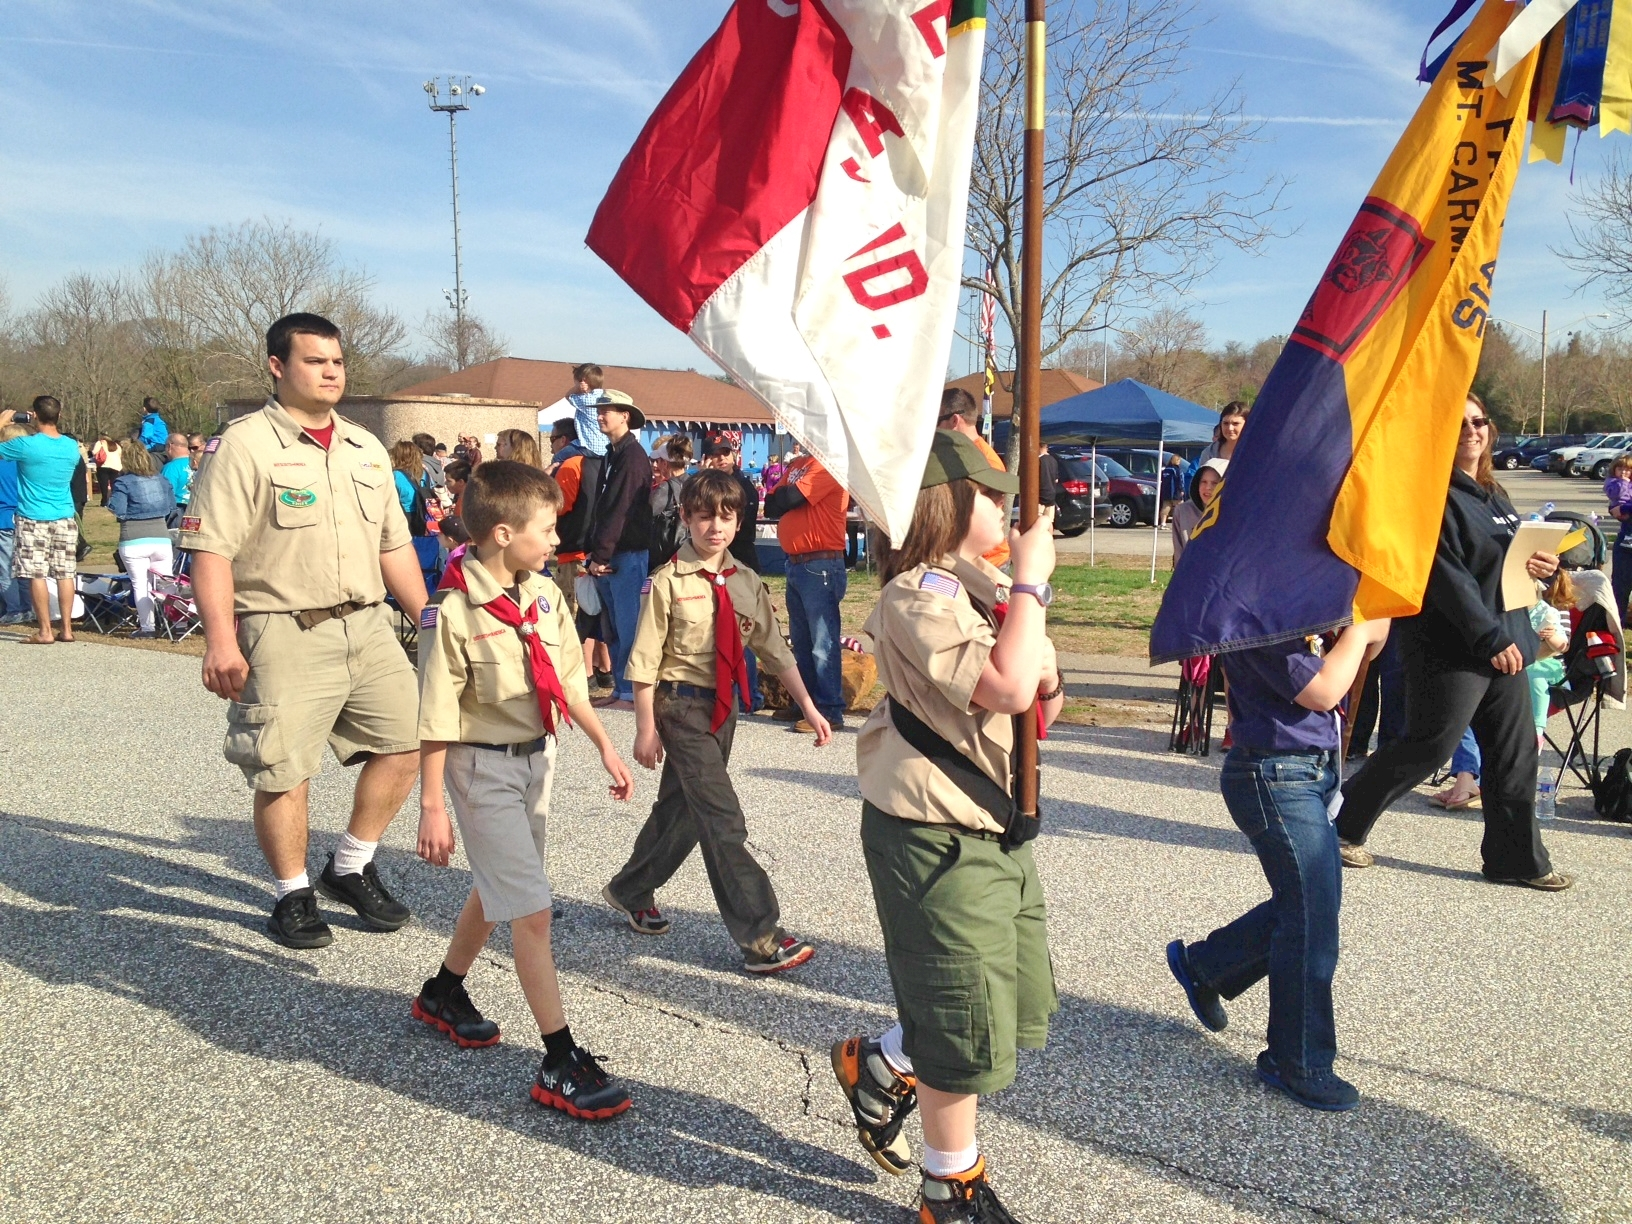 Troop 412 Leads the Lake Shore Baseball Parade 2014.